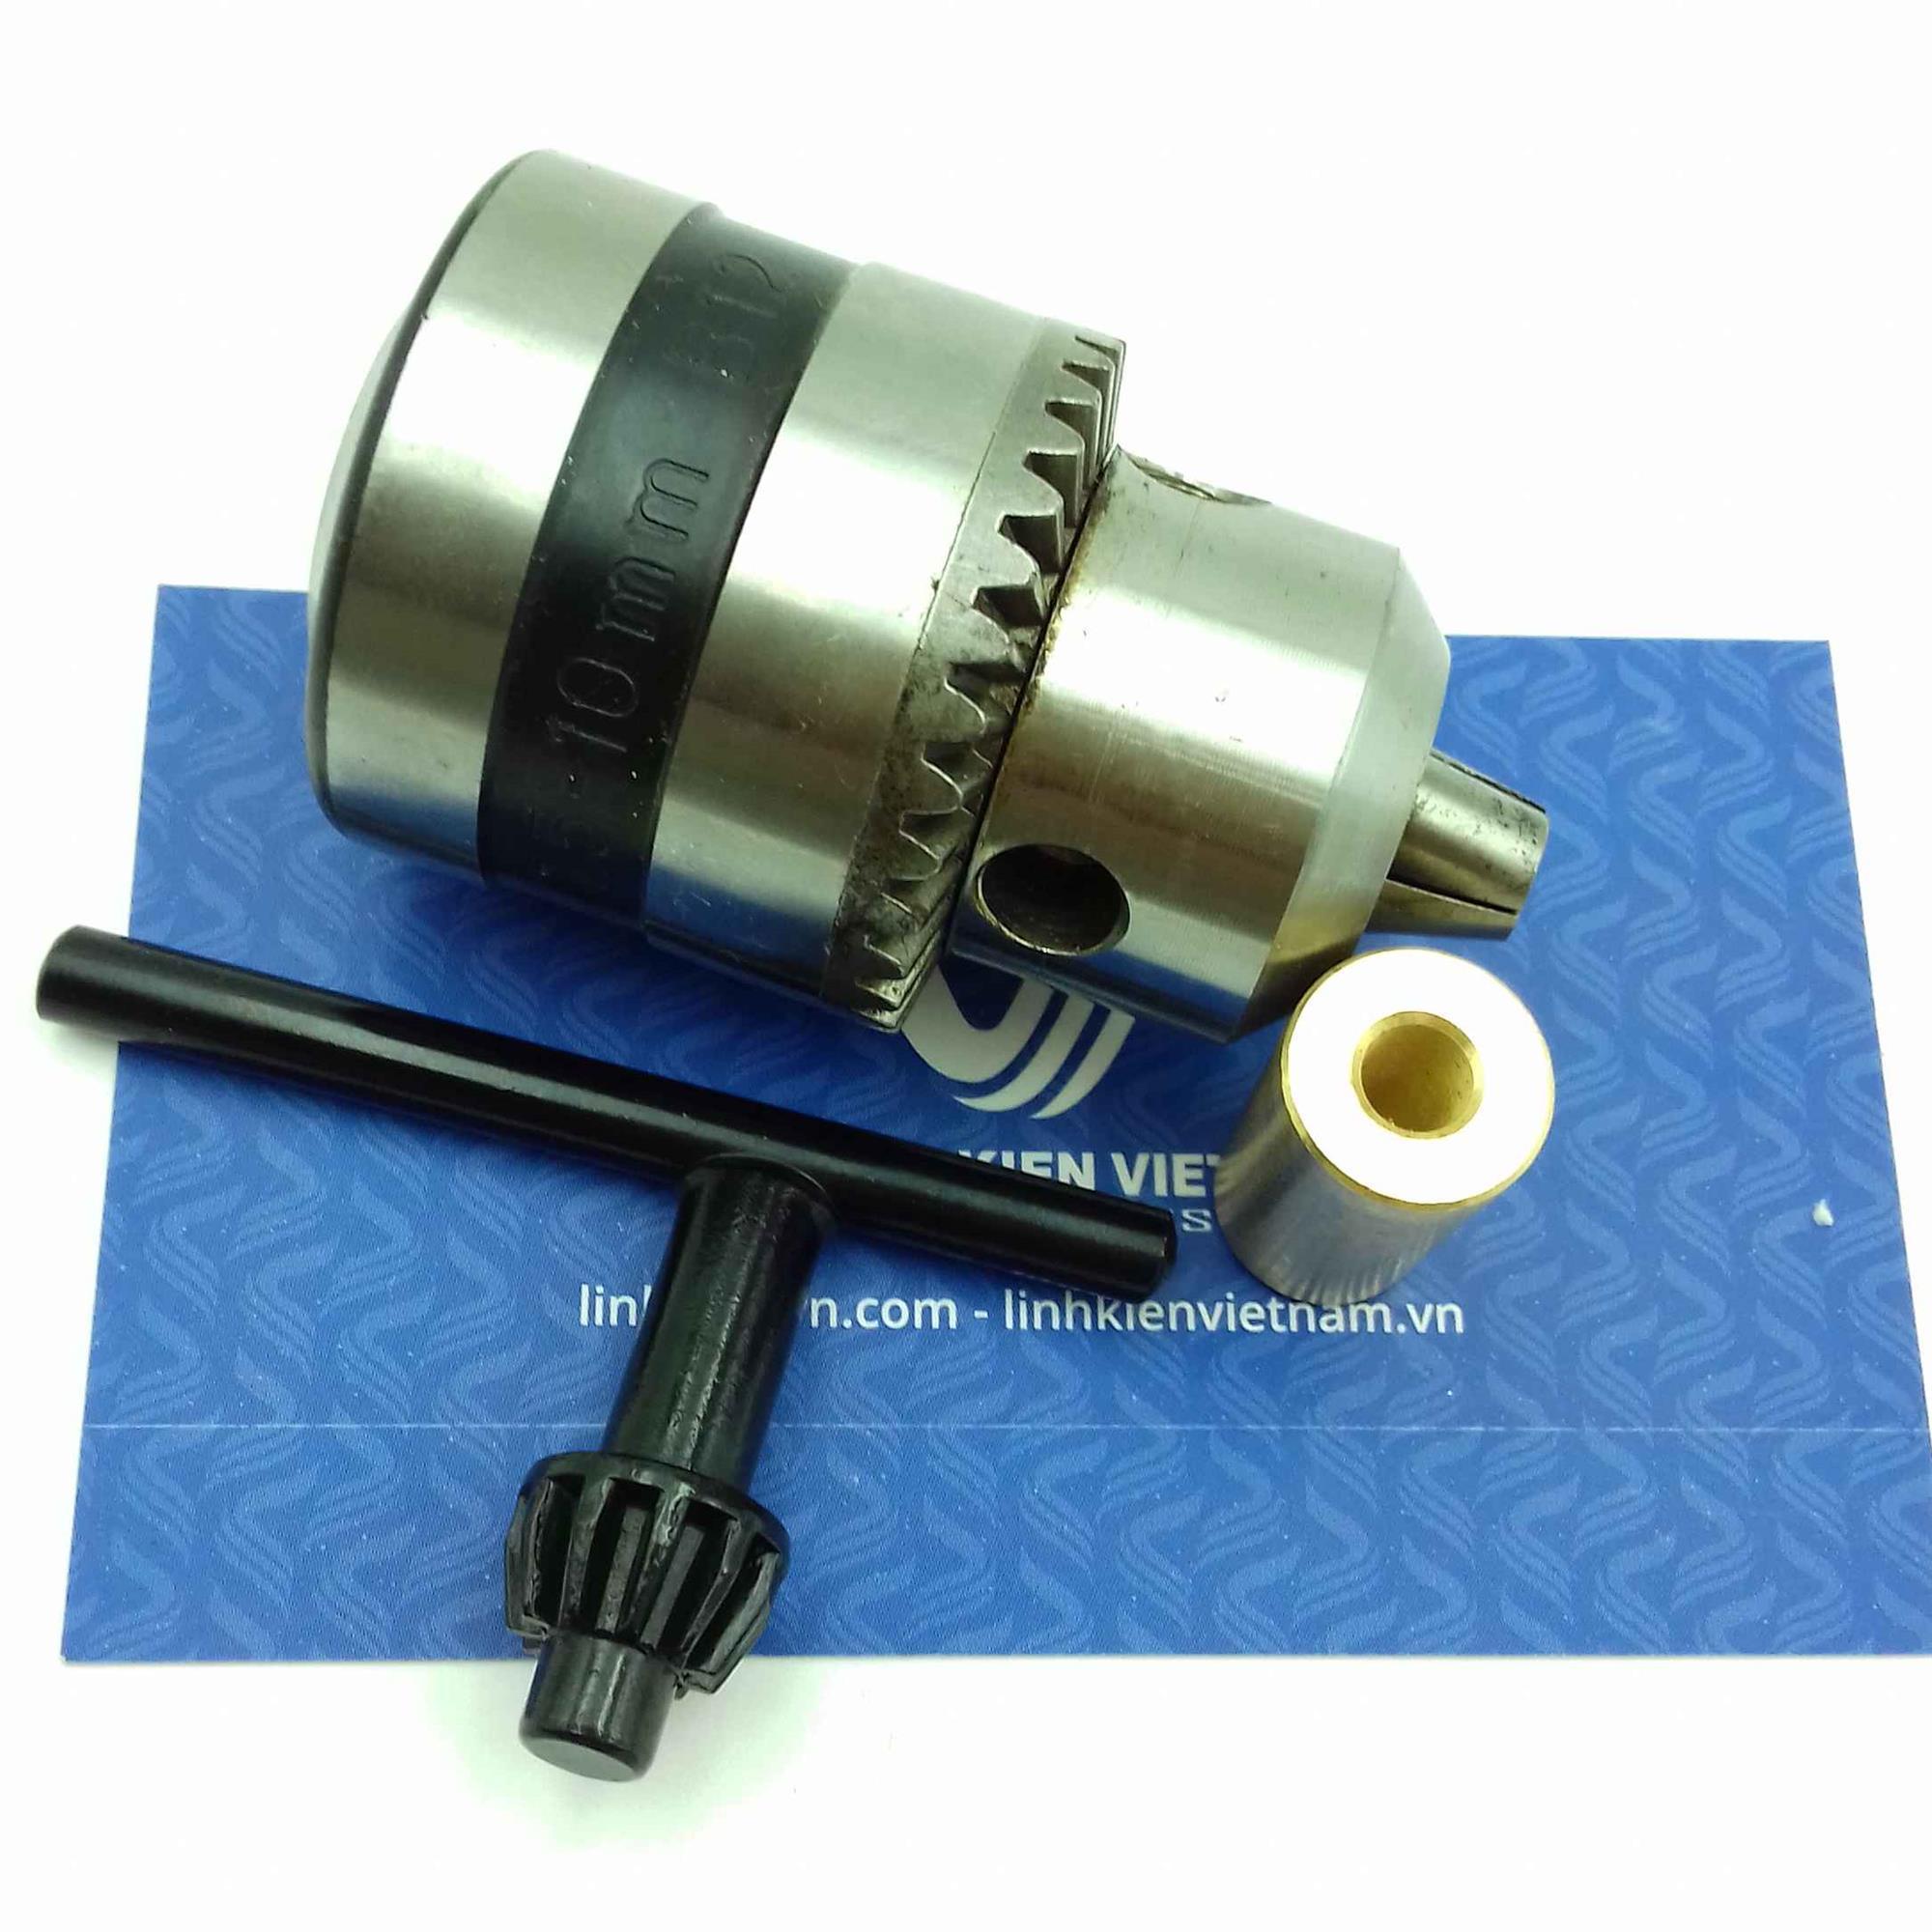 đầu kẹp mũi khoan 1.5-10mm Full có đầu đồng / Đầu khoan mạch 1.5-10mm / Đầu kẹp mũi khoan cho động cơ 775 - K5H1+K5H2